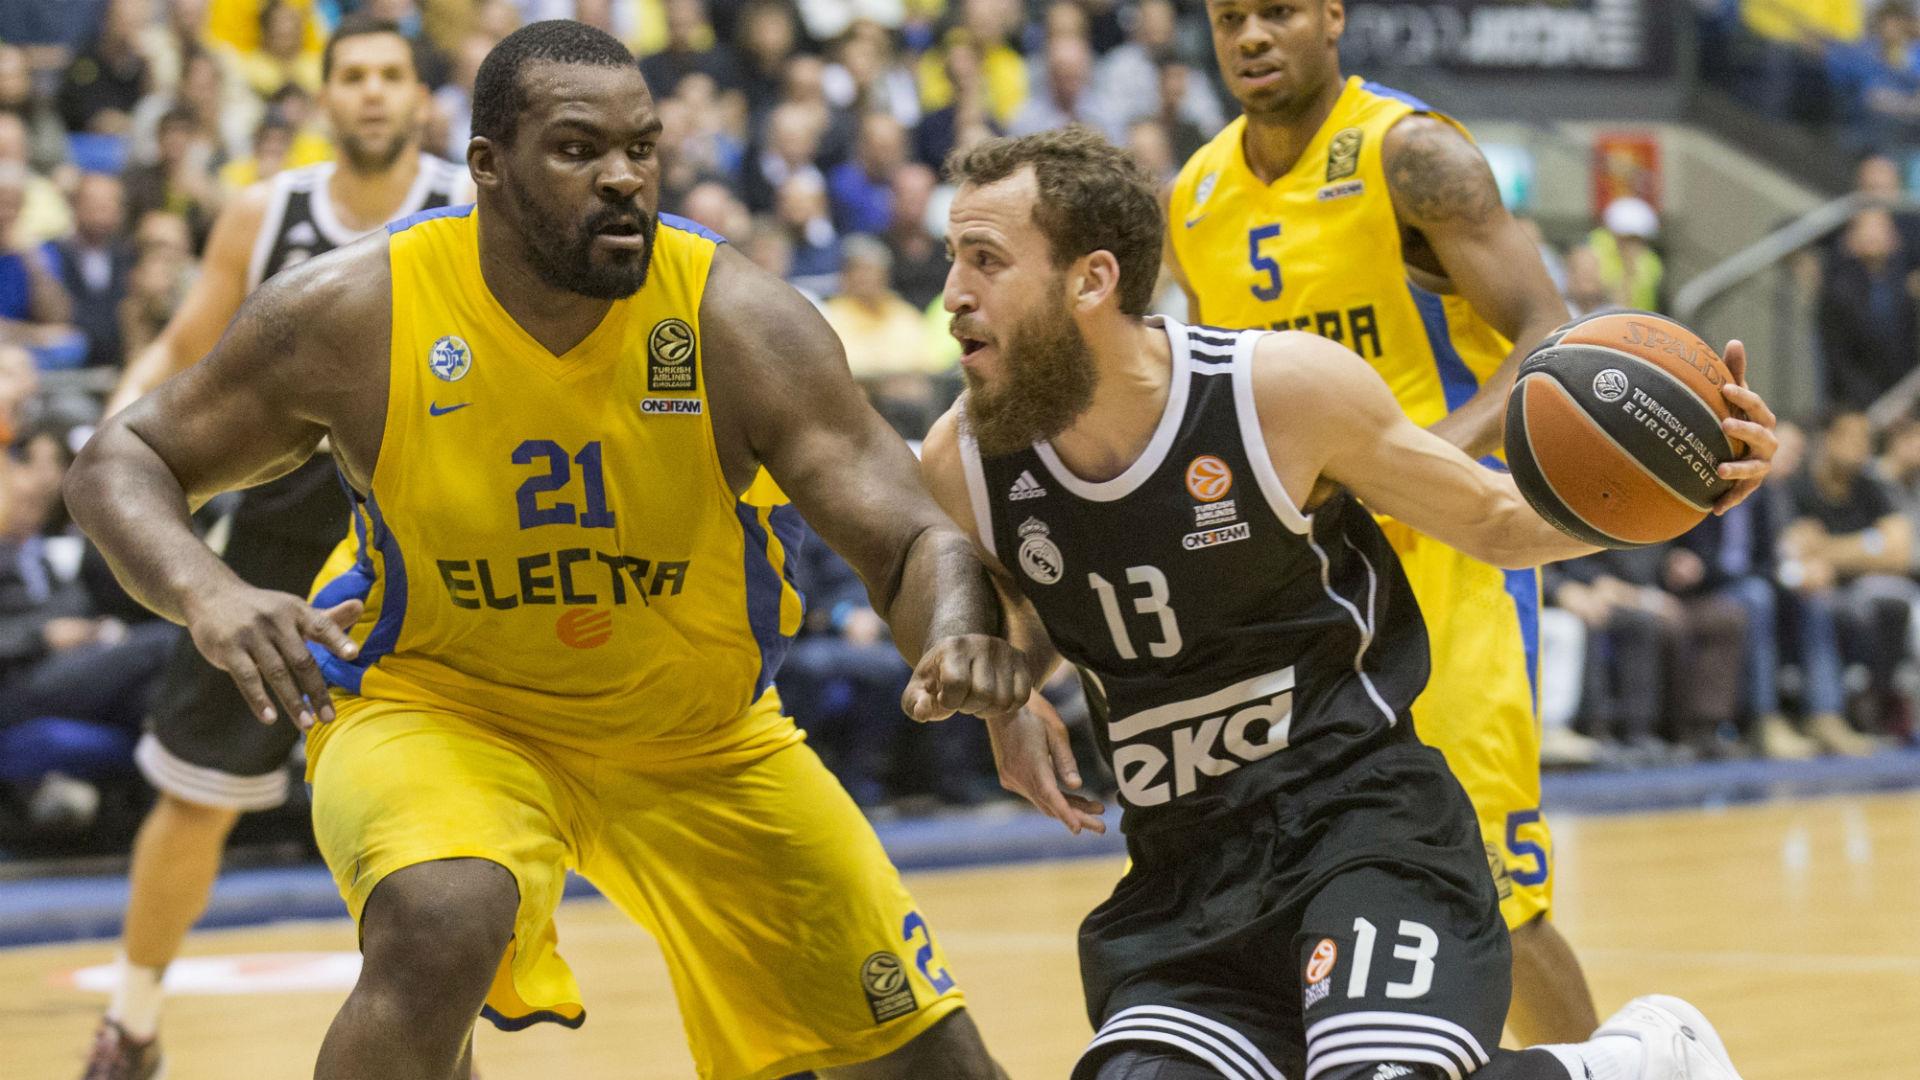 ... Israel Professional Basketball Getty Ftr